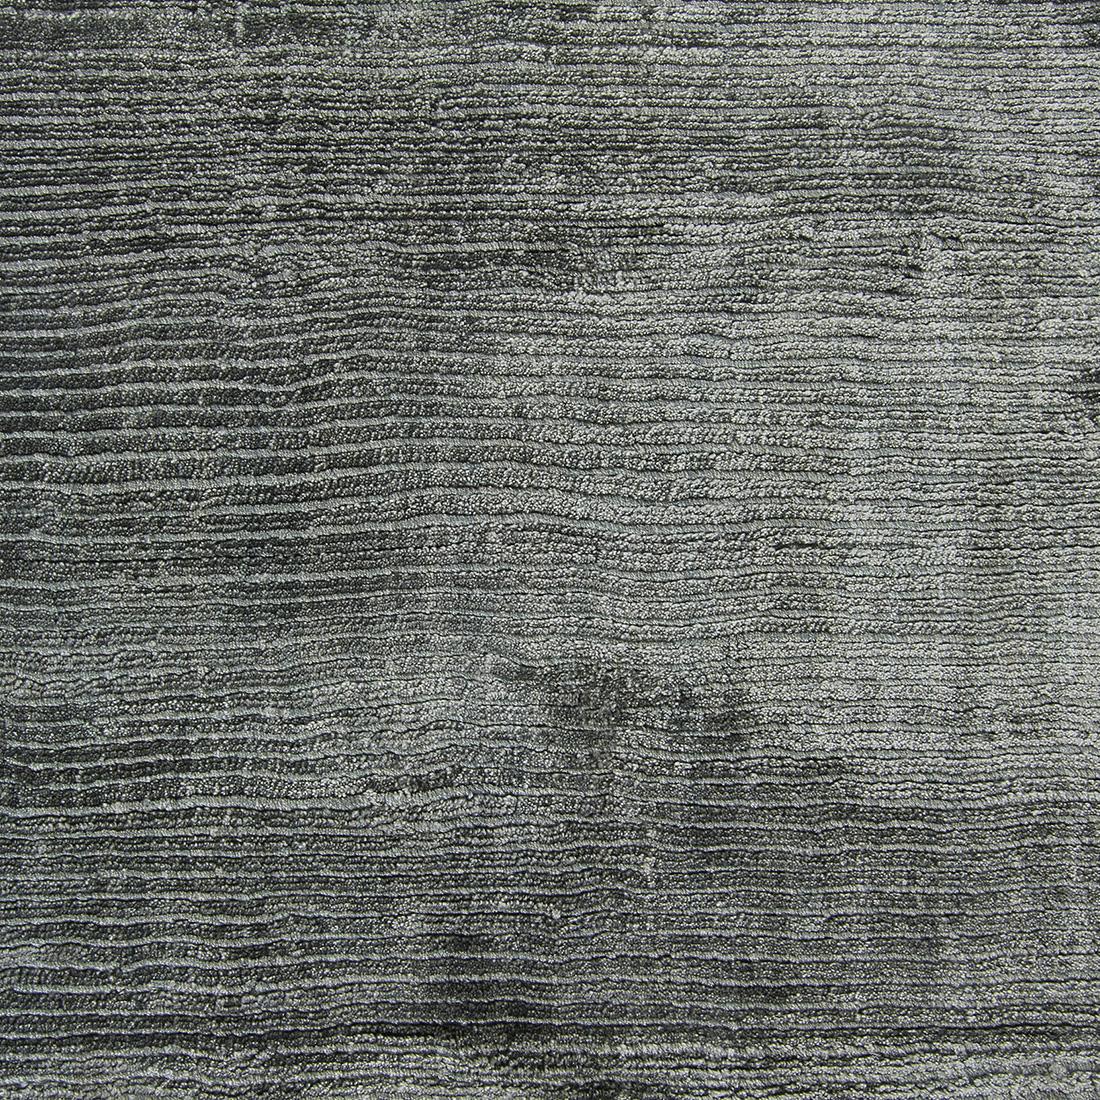 Vloerkleed Brinker Oyster Grey